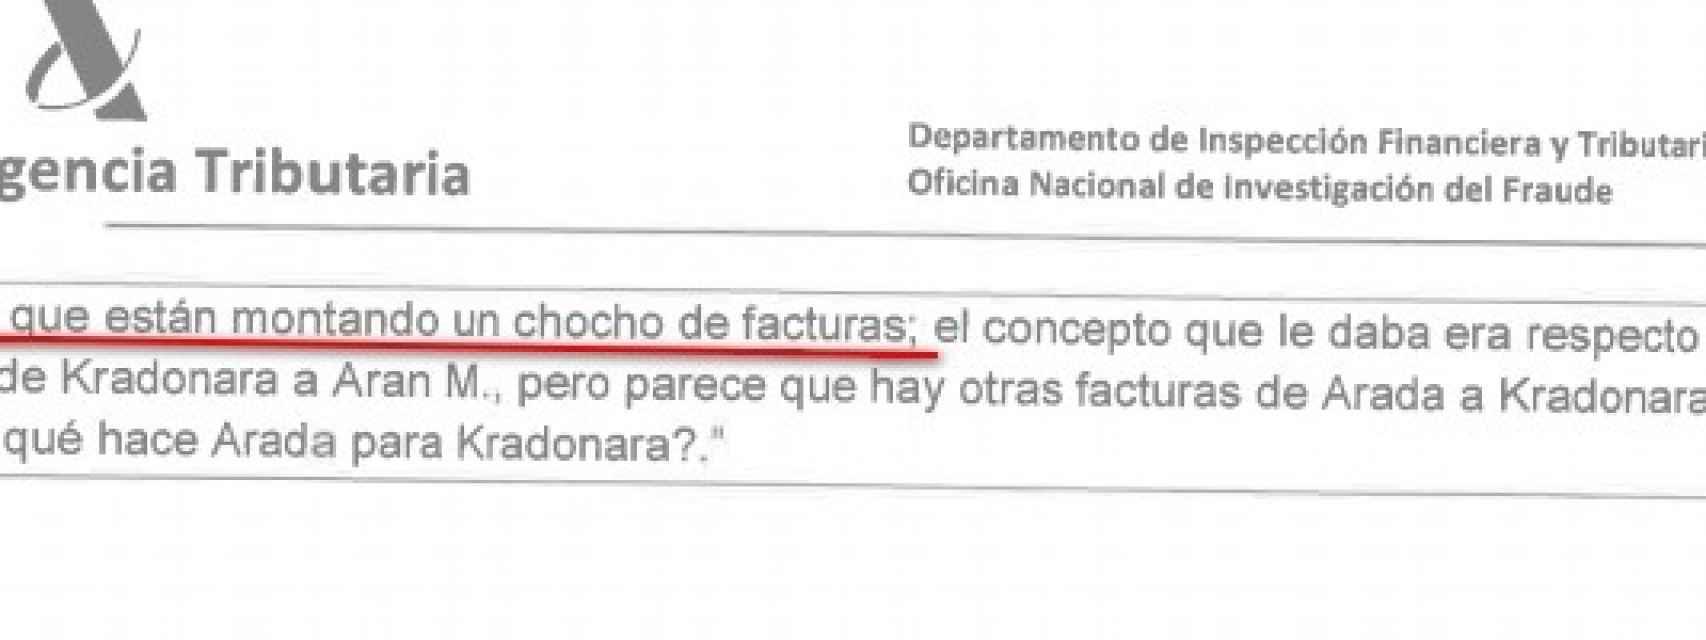 Extracto de otro de los correos sobre las facturas del caso Rato.